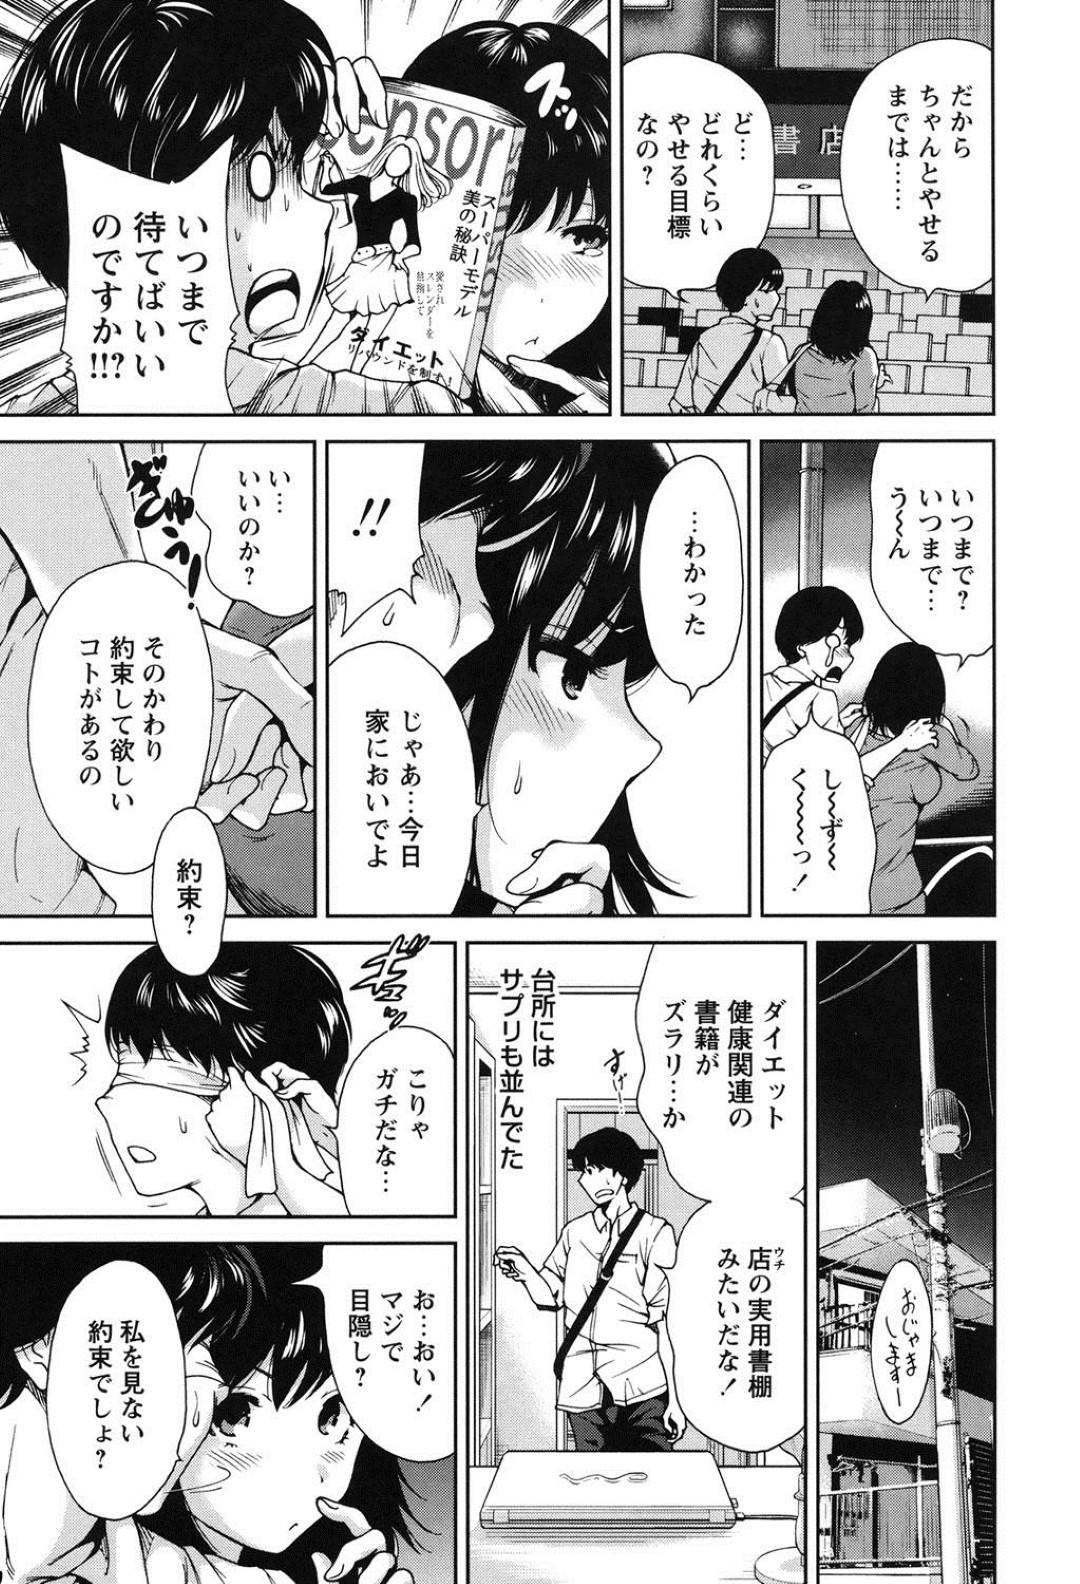 【エロ漫画】彼氏に目隠しをさせてセックスするむちむちお姉さん…見えない状況でギンギンに勃起している彼に跨って騎乗位や正常位などの体位でいちゃラブセックスする。【奥森ボウイ:俺の彼女はすーぱーぷに子】